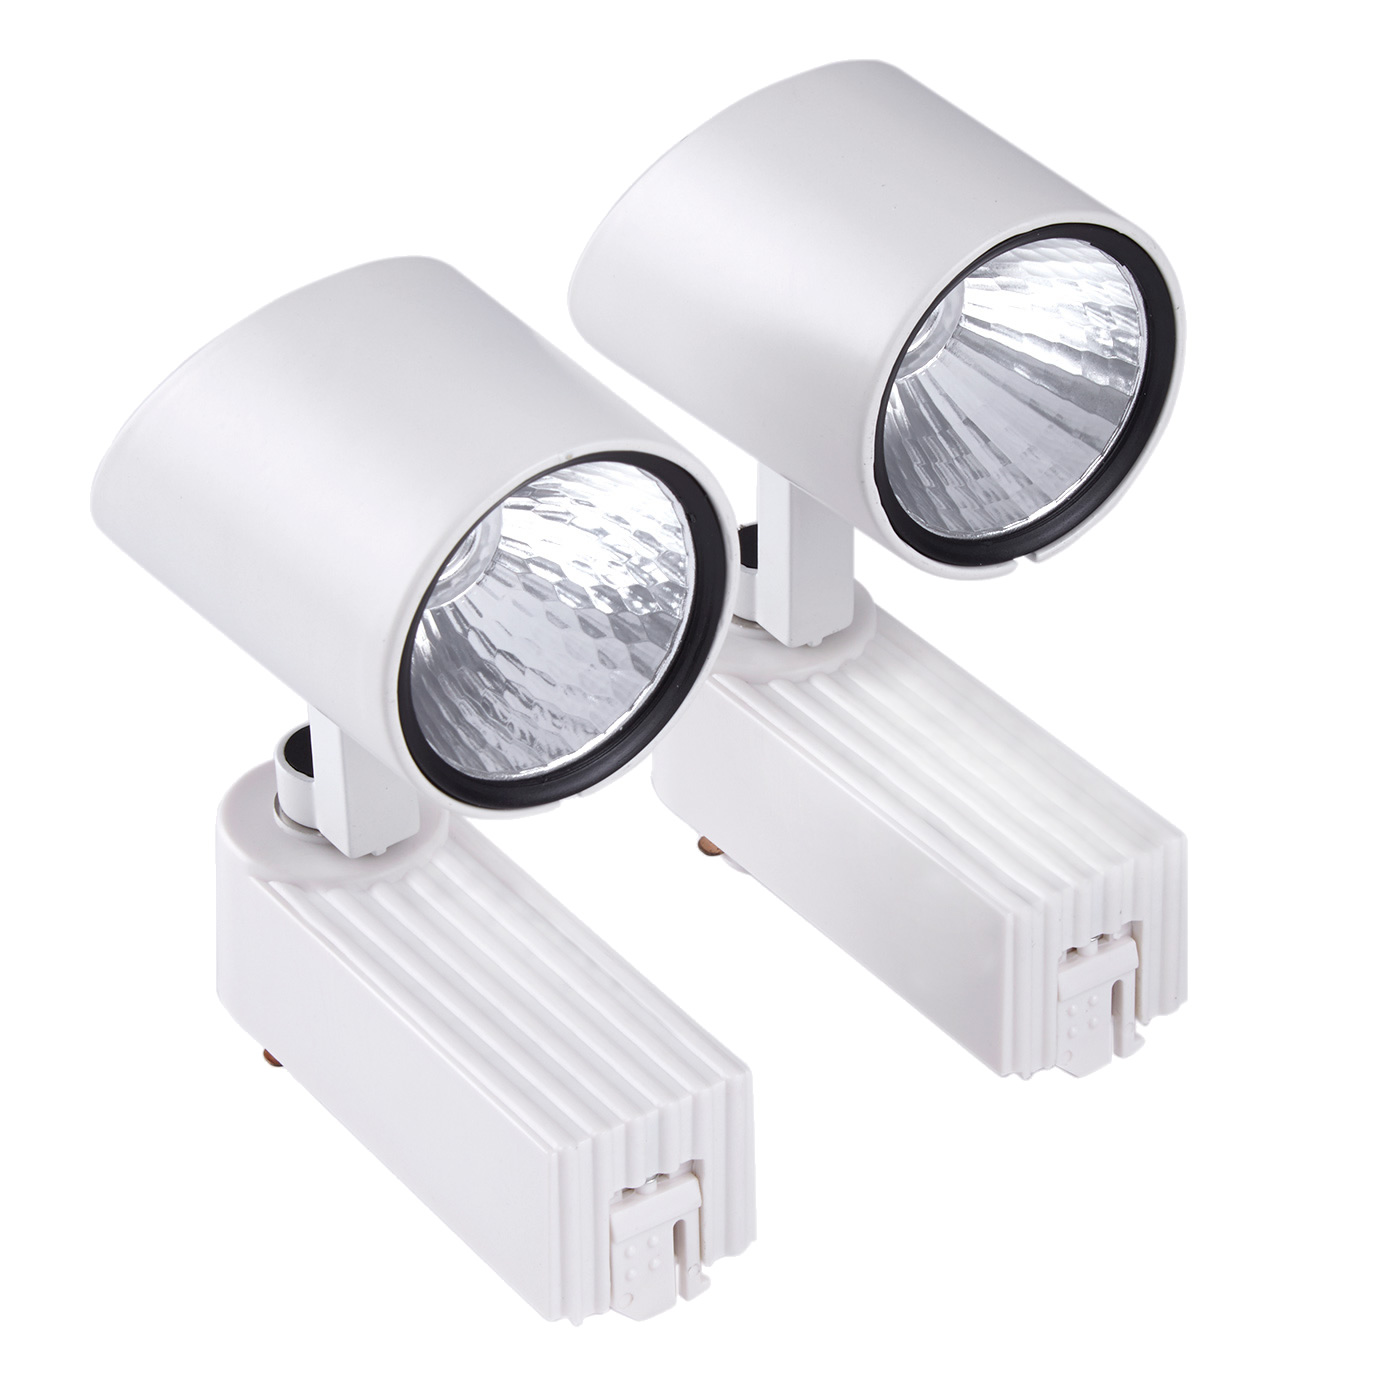 Biard LED Schienenleuchte im Doppelpack Weiß 7W